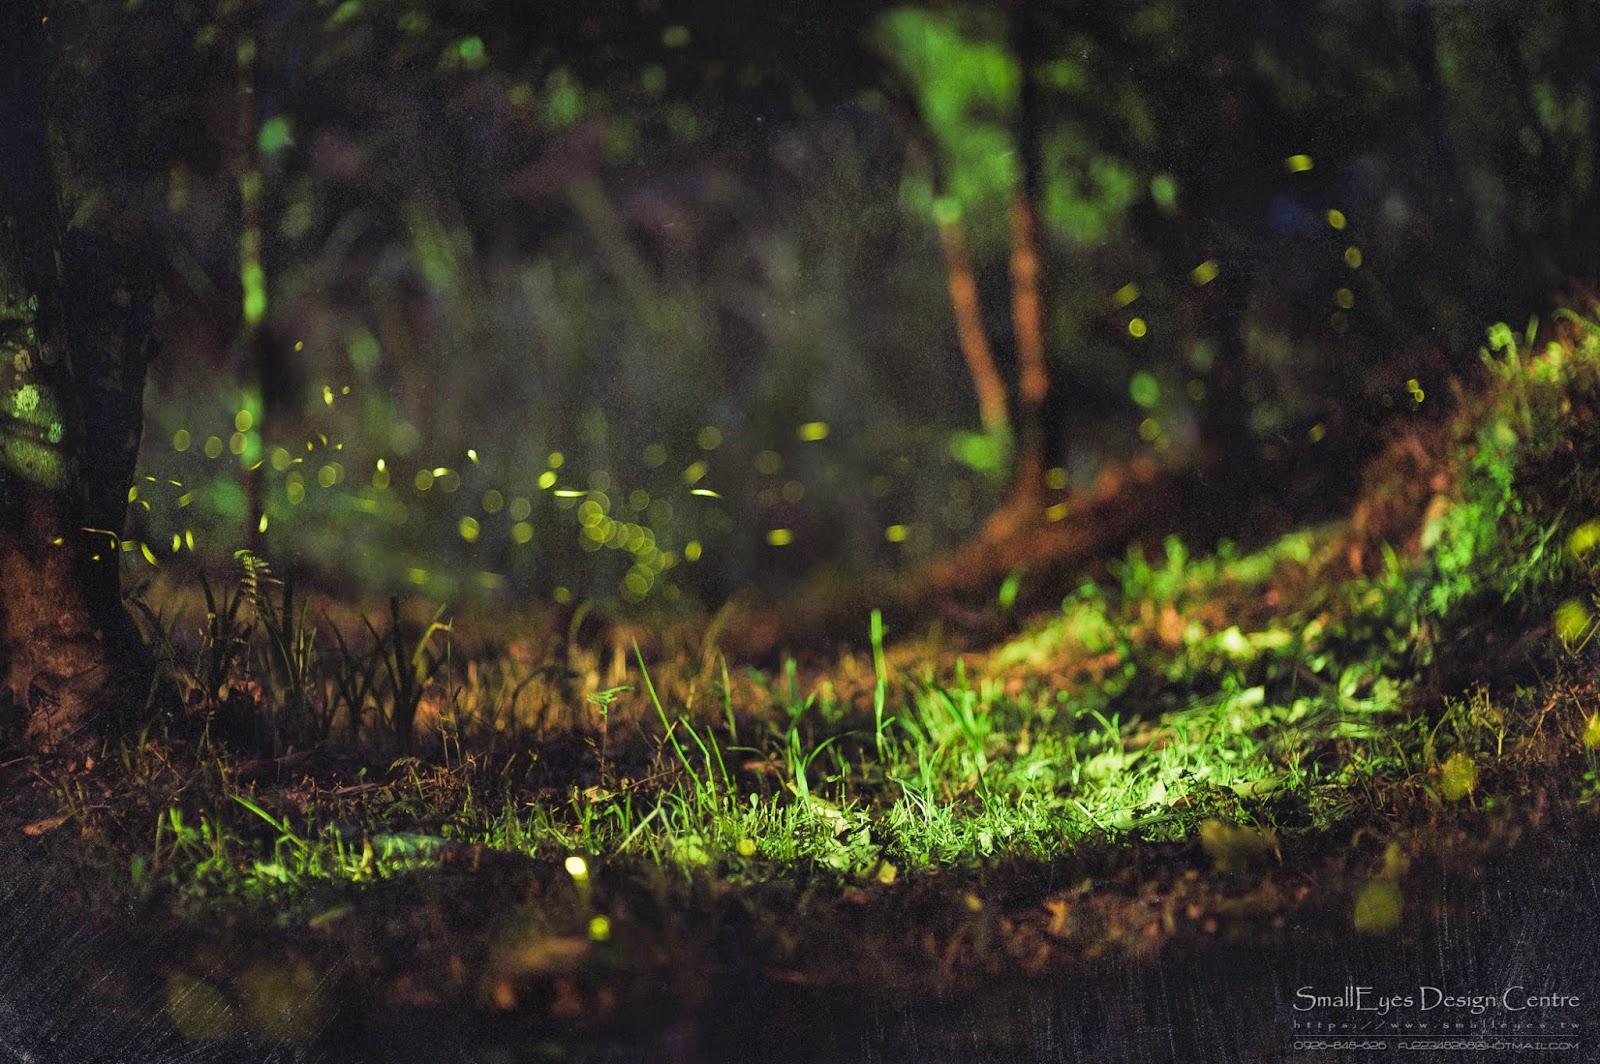 【攝影教學】螢火蟲/拍攝教學文 - 小眼攝影